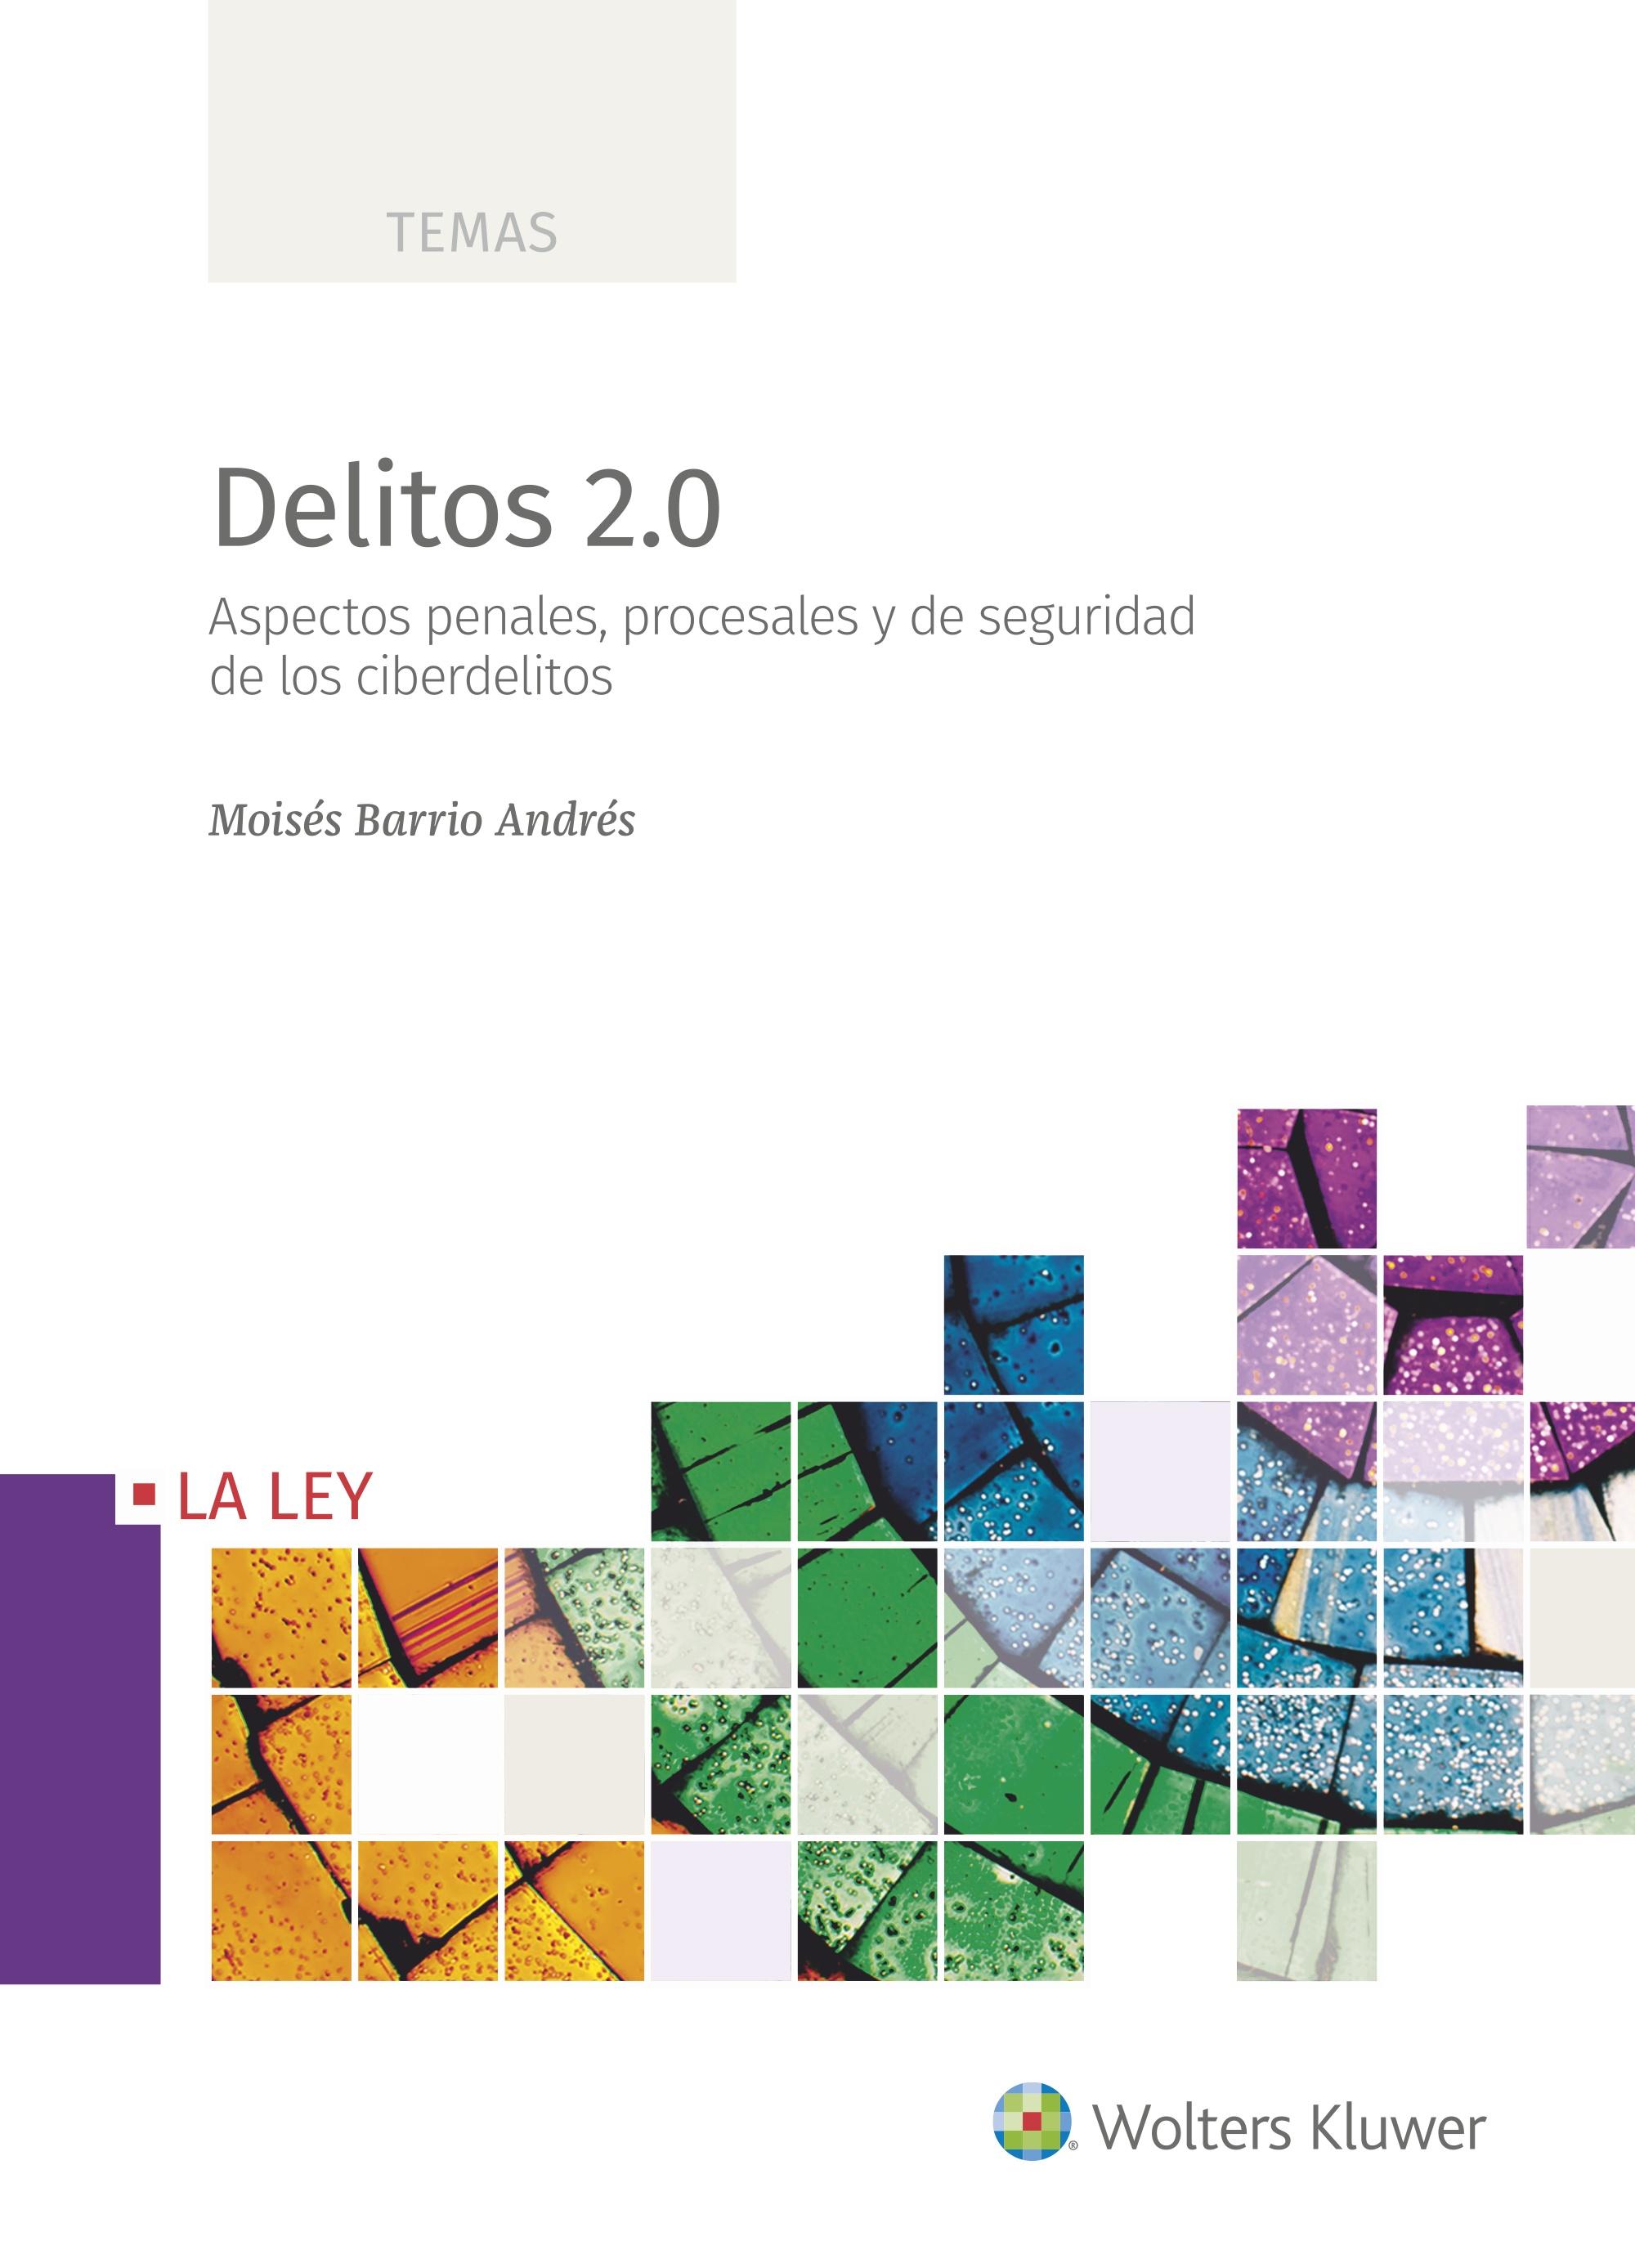 DELITOS 2.0.ASPECTOS PENALES, PROCESALES Y DE SEGU